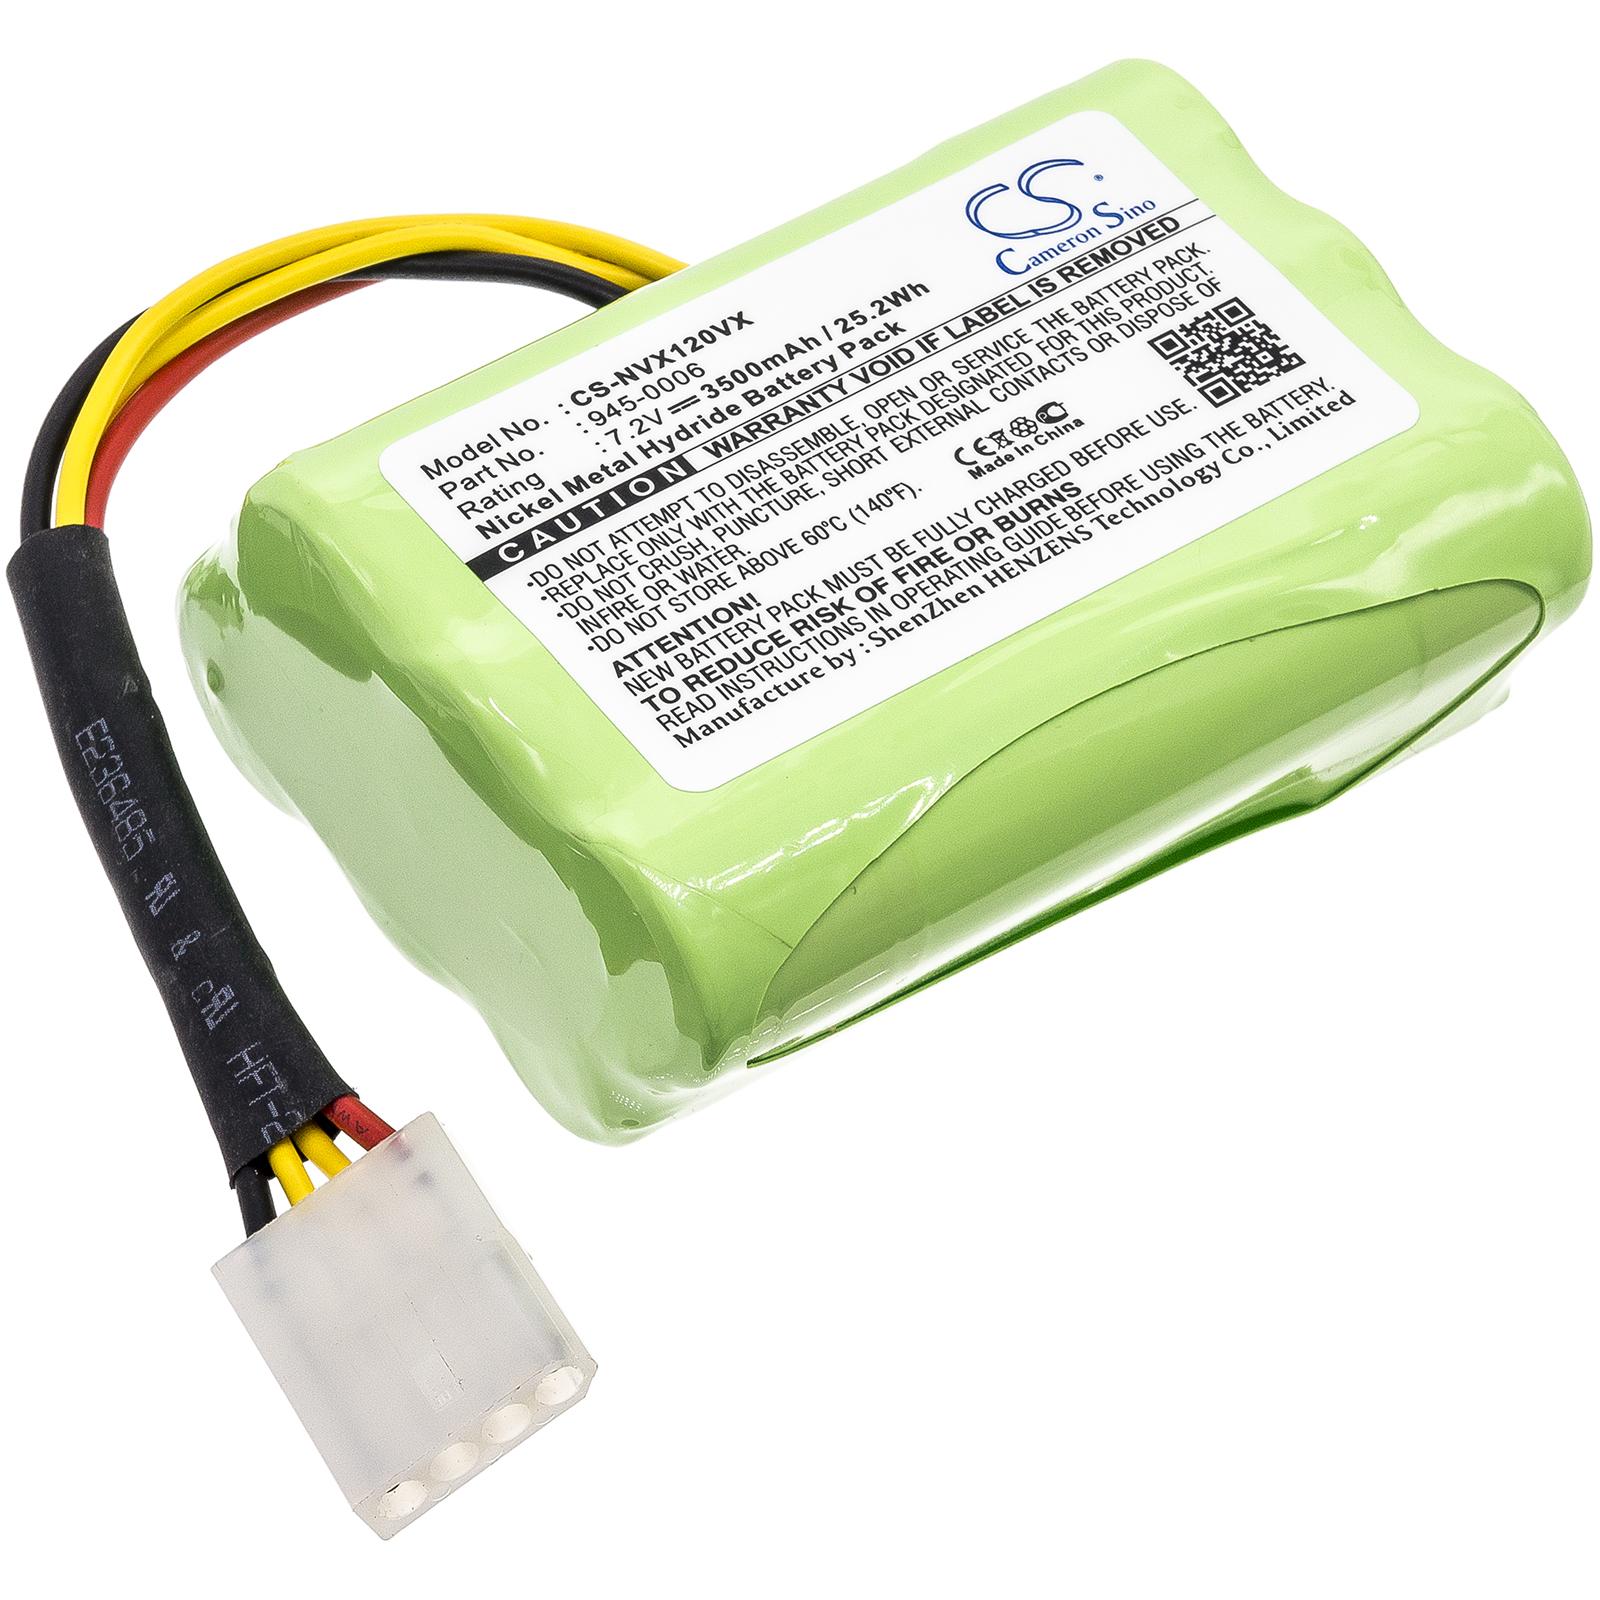 Cameron Sino baterie do vysavačů pro NEATO XV Signature Pro 7.2V Ni-MH 3500mAh zelená - neoriginální